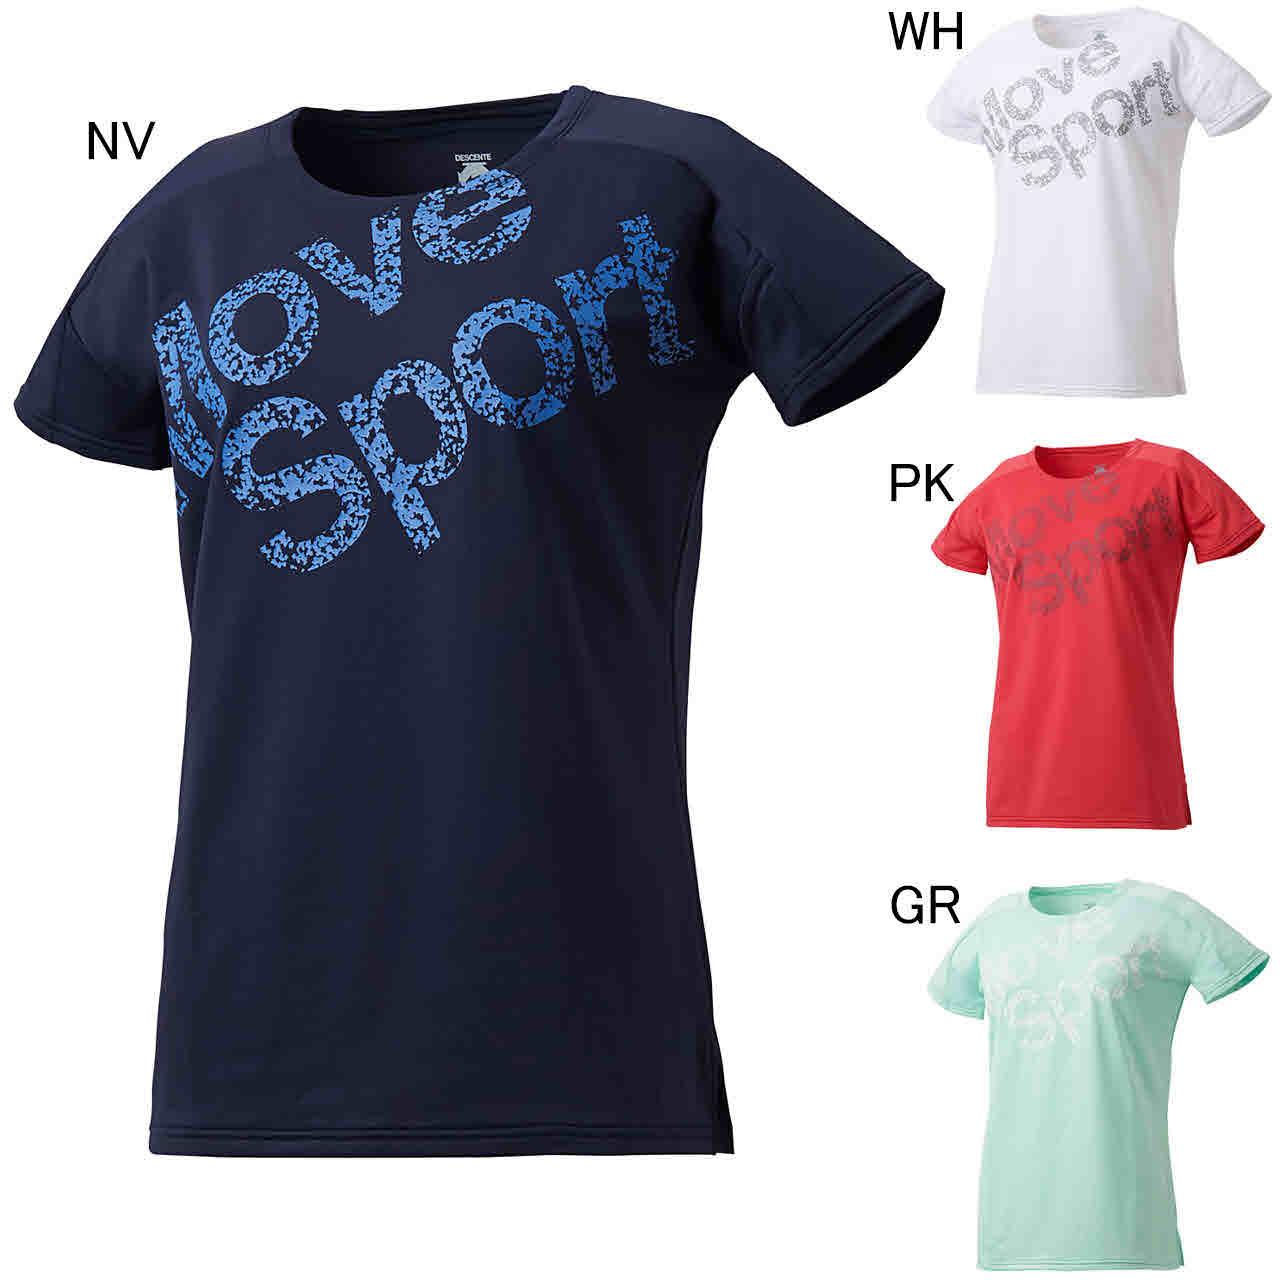 デサント エクササイズ フィットネス シャツ トップス レディース レディース Tシャツ DESCENTE DMWNJA57